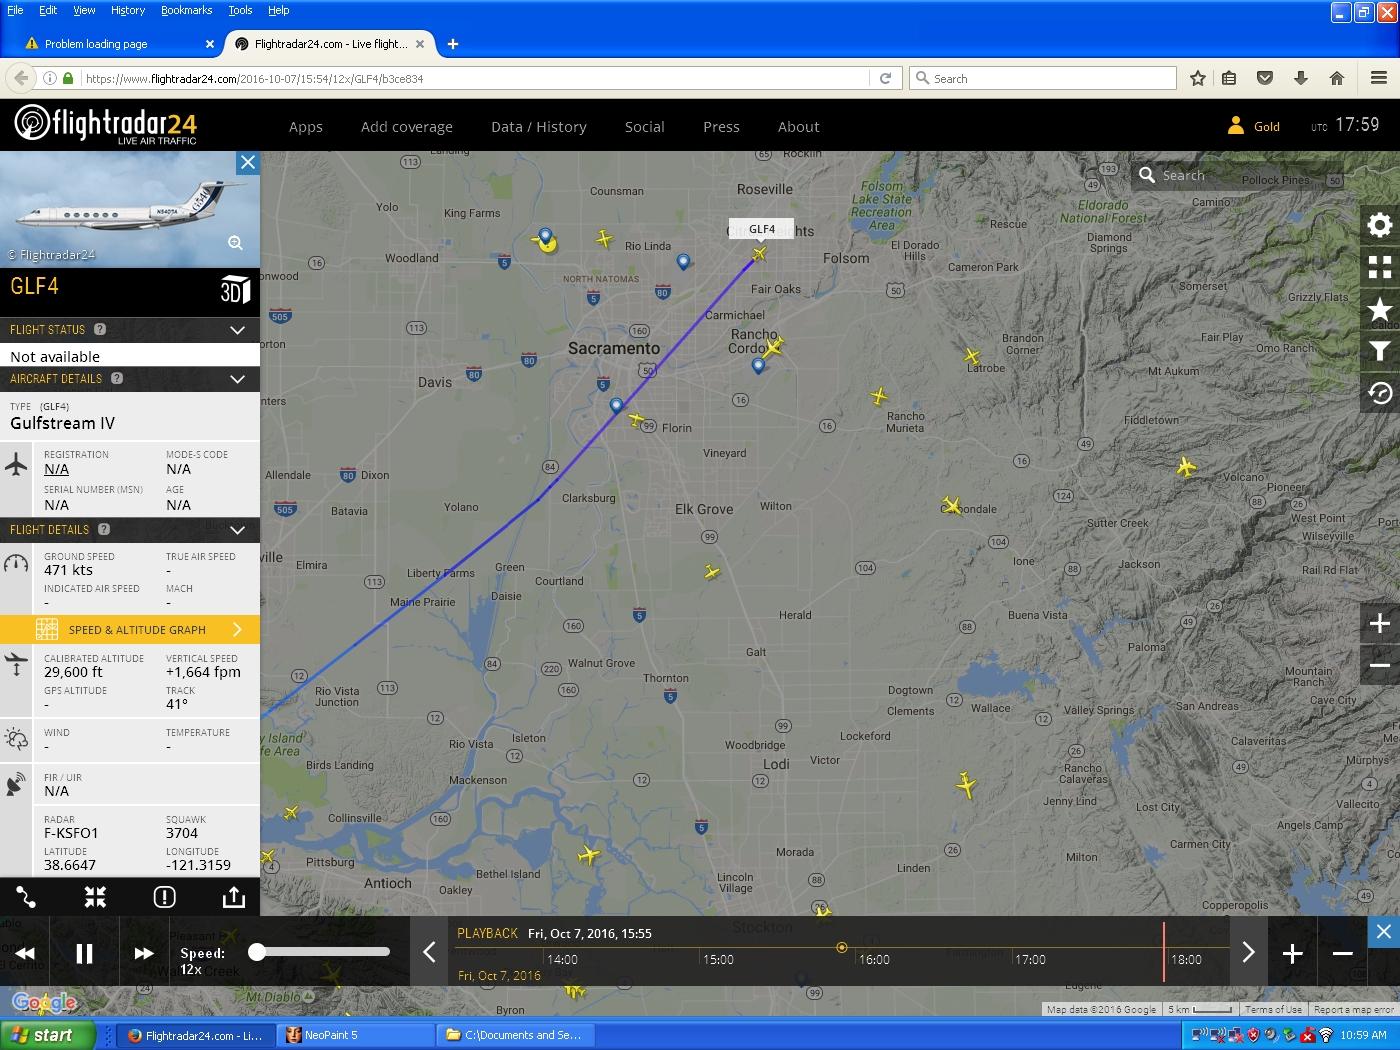 16-10-07 trail-2 0855 GLF4 not match NNW flight seen over home.jpg